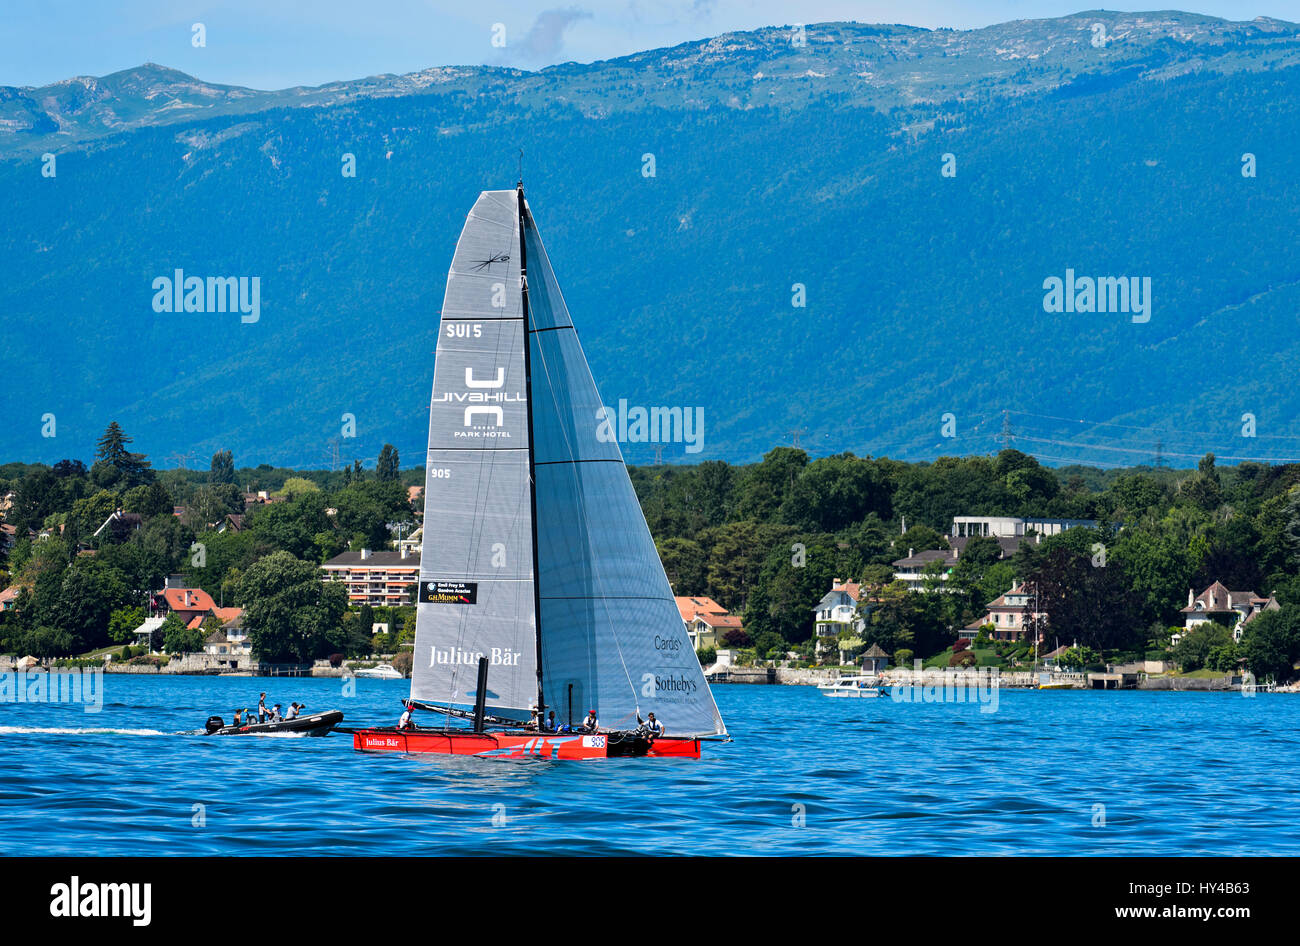 Bateau à voile La voile jusqu'à l'équipe de SUI 5 sur le Lac Léman, Bol d'Or Mirabaud Photo Stock